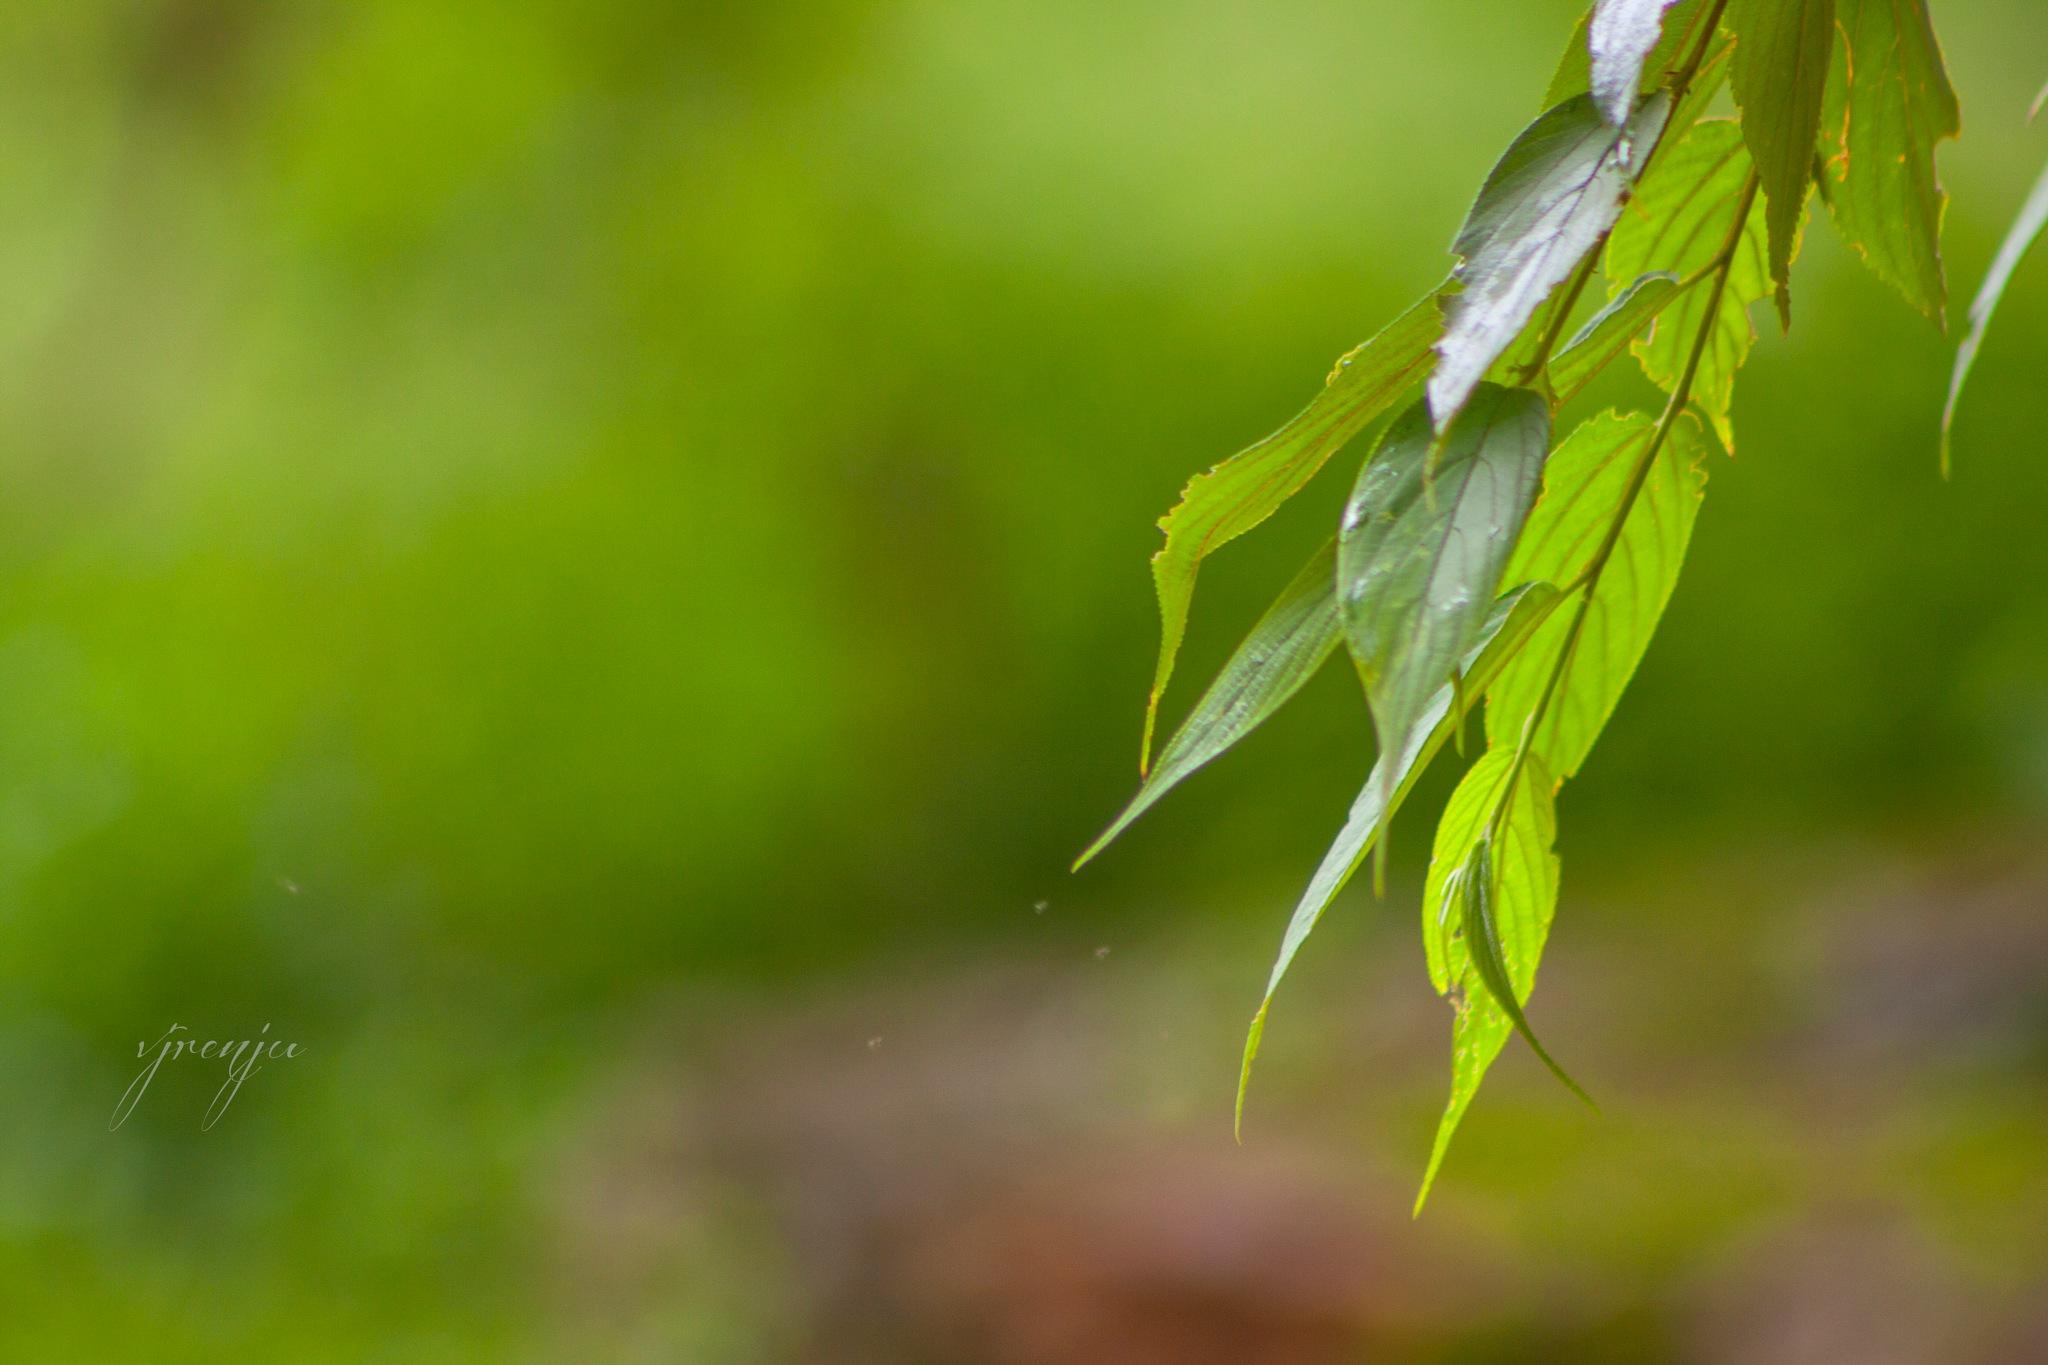 fallen leaves by VJ Renju